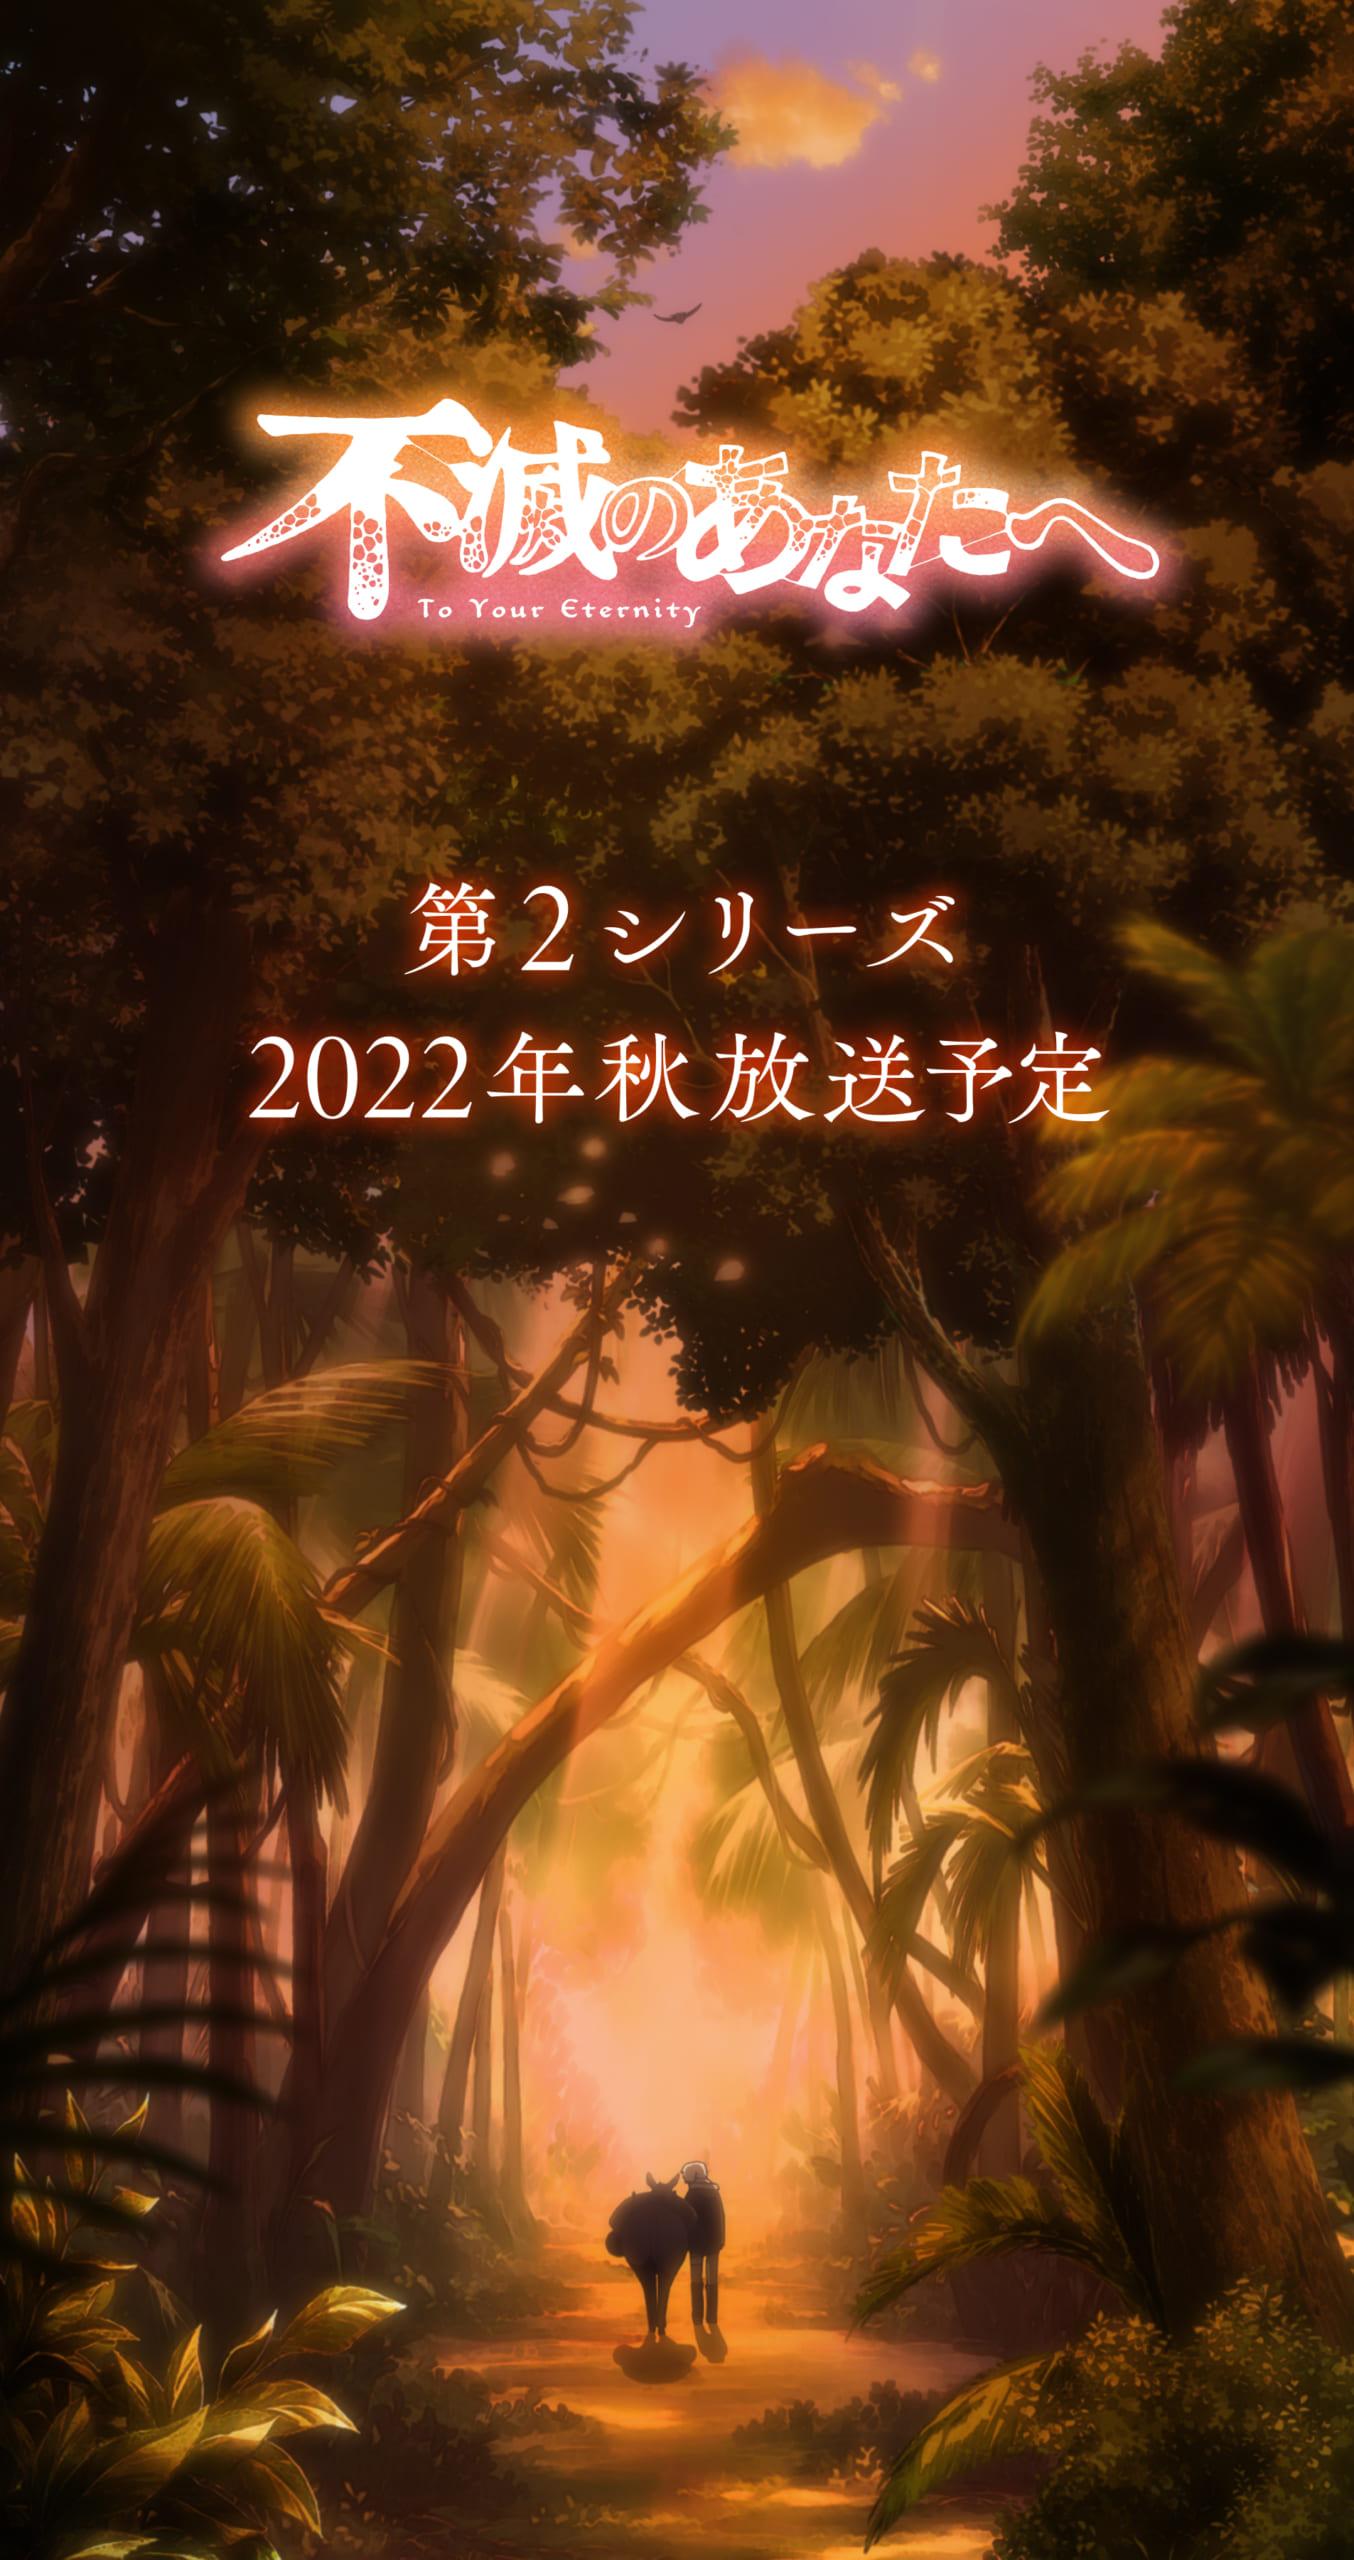 アニメ「不滅のあなたへ」第2シリーズ2022年秋放送決定!声優・津田健次郎さんらコメント到着